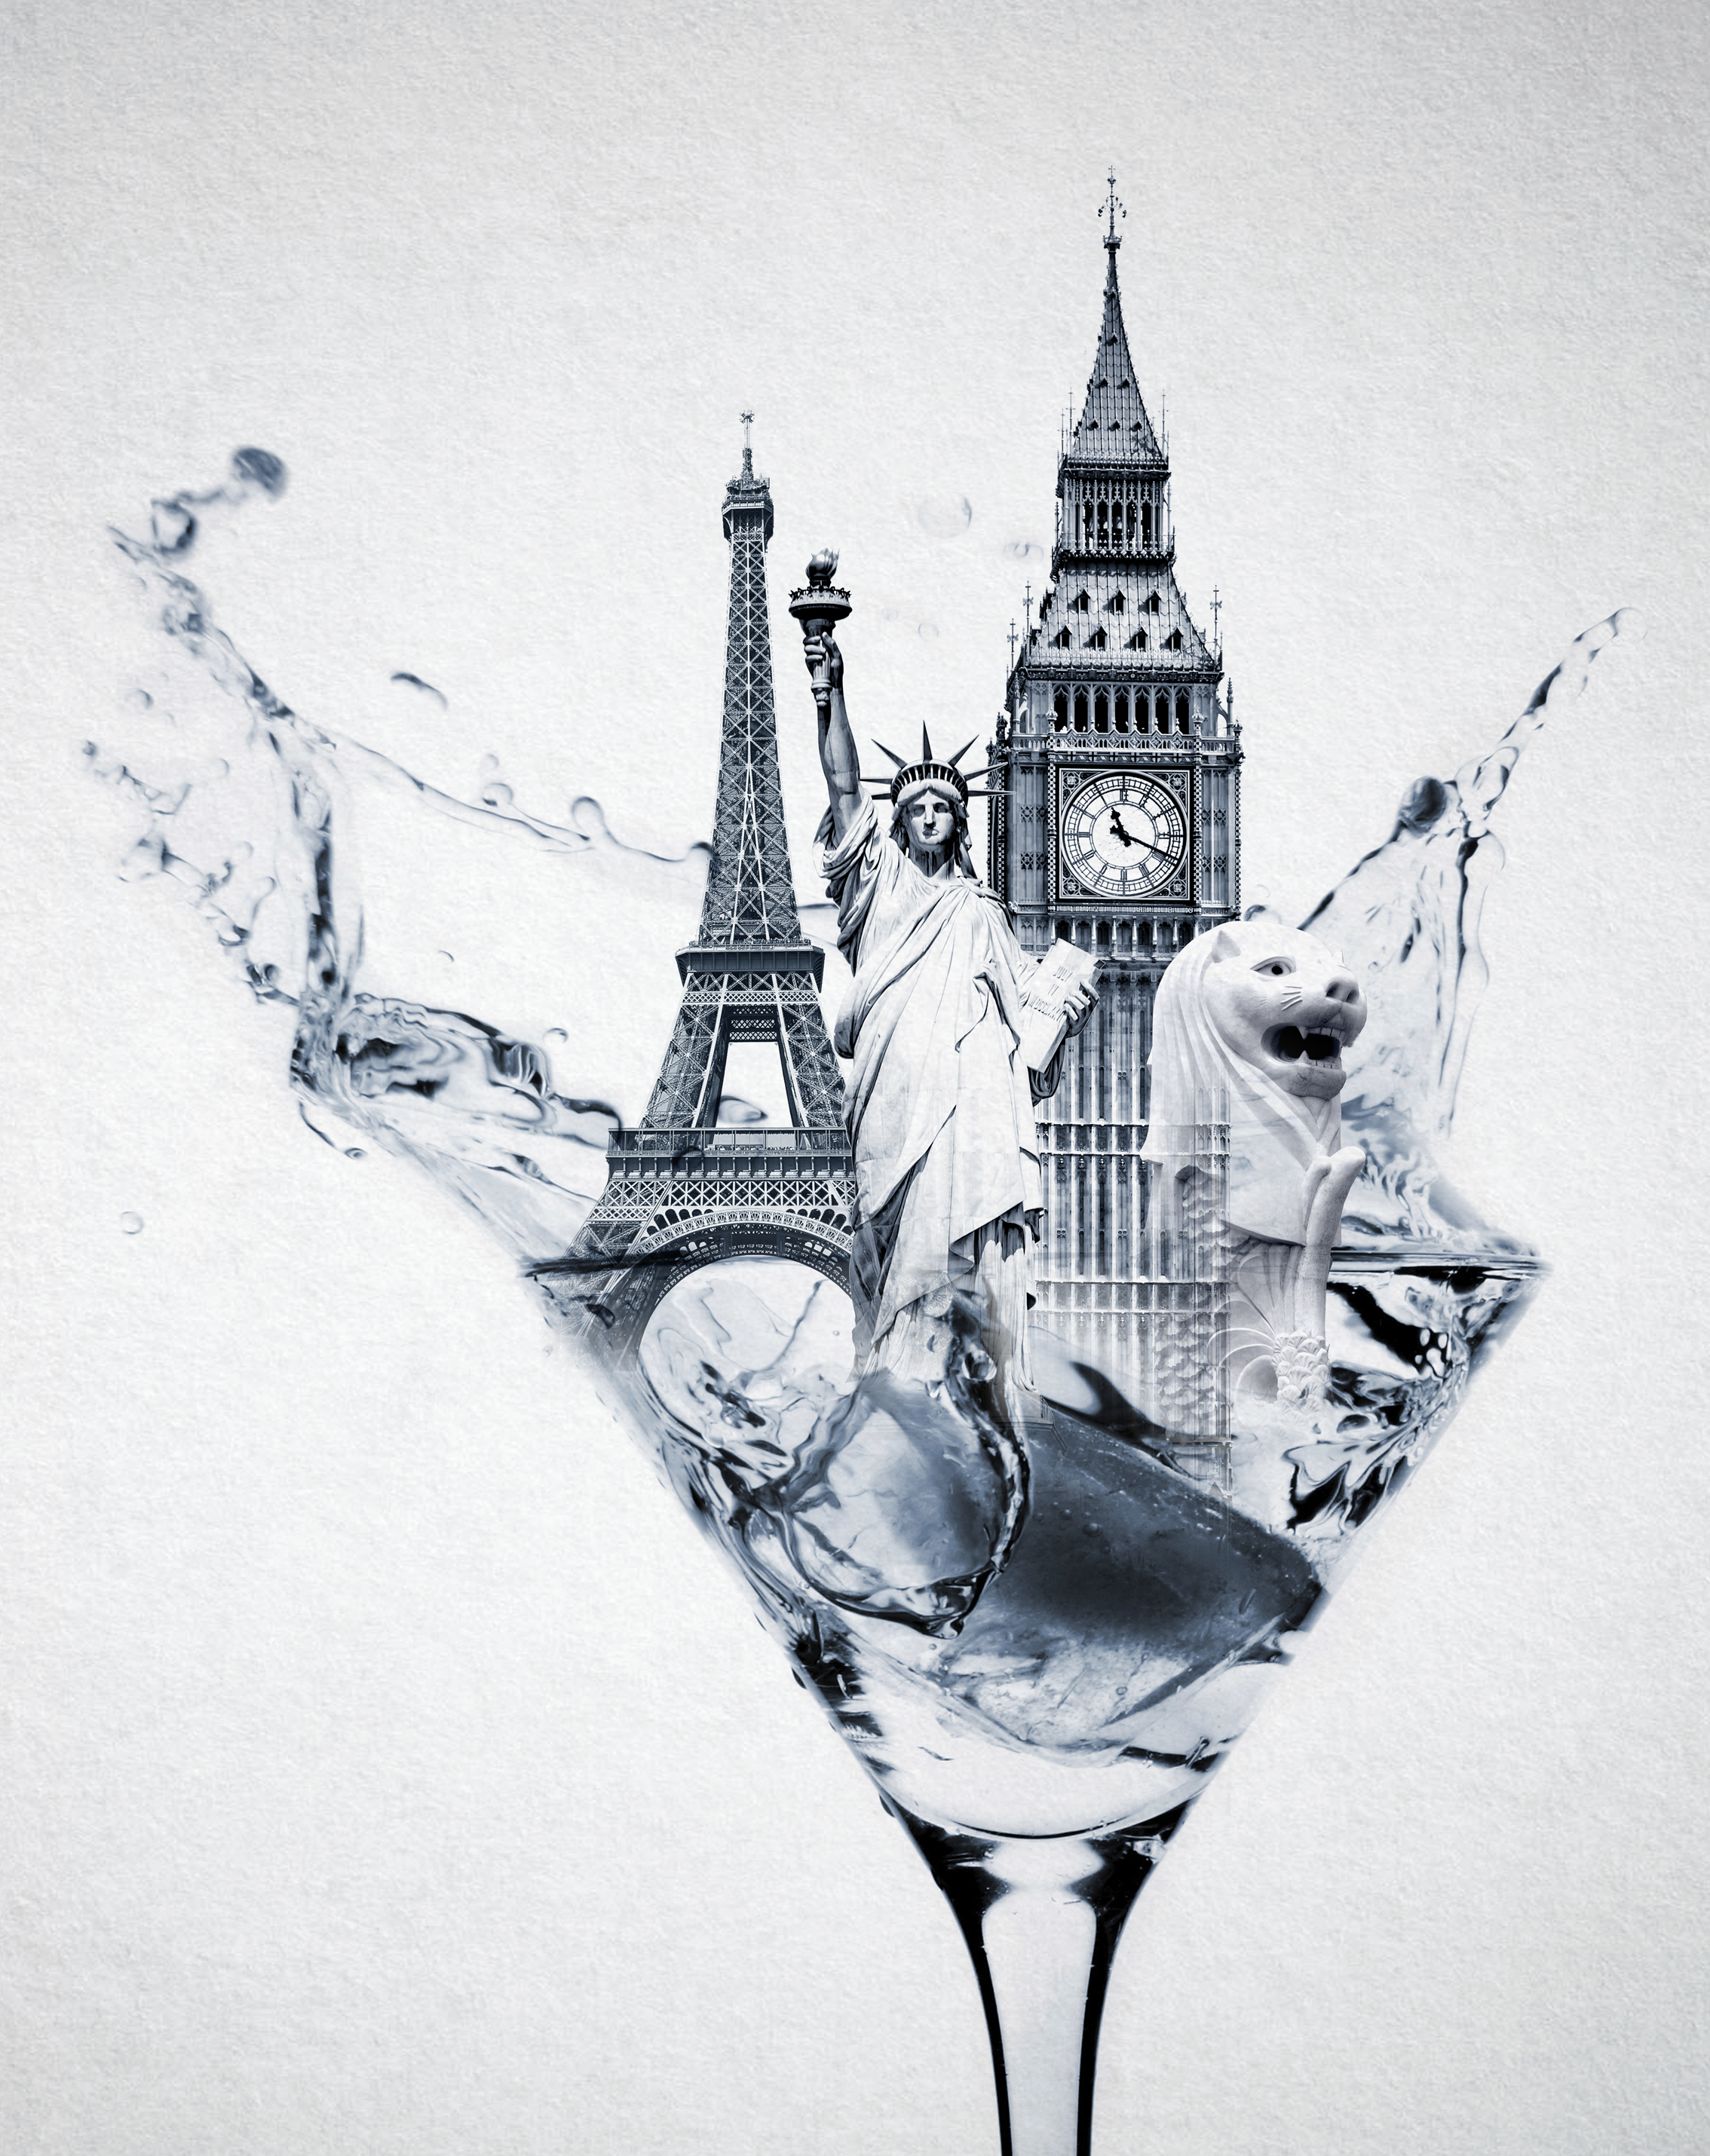 Splashing martin